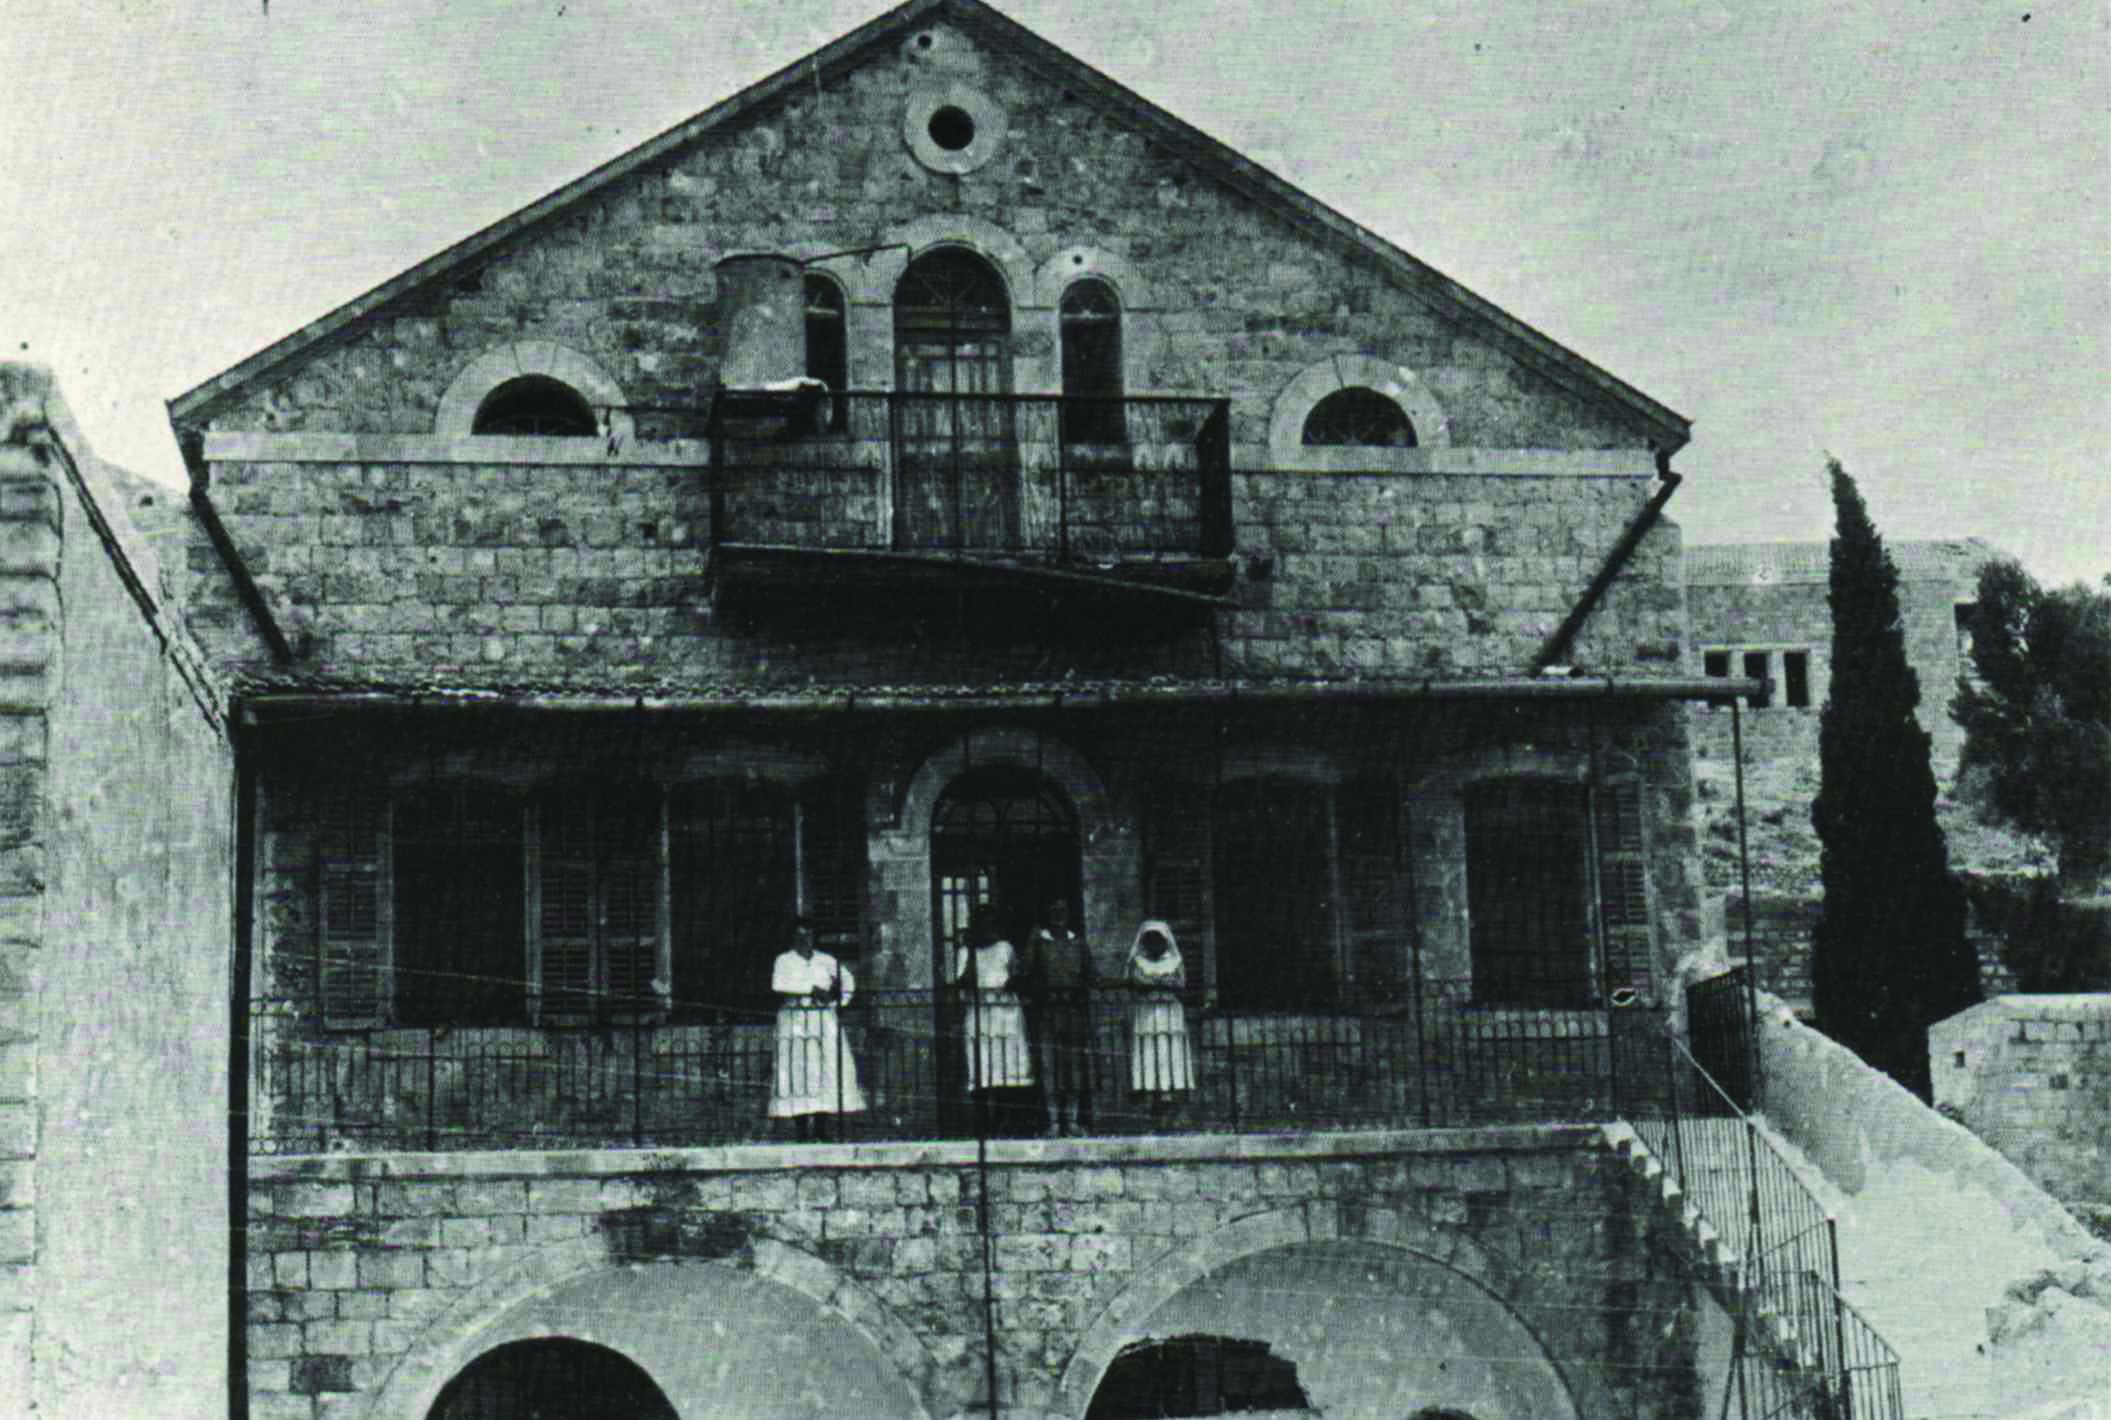 עסקני העדות השונות גילו כי הקמת בתי חולים מסייעת לגיוס כספים. בית החולים משגב לדך בעיר העתיקה, 1915